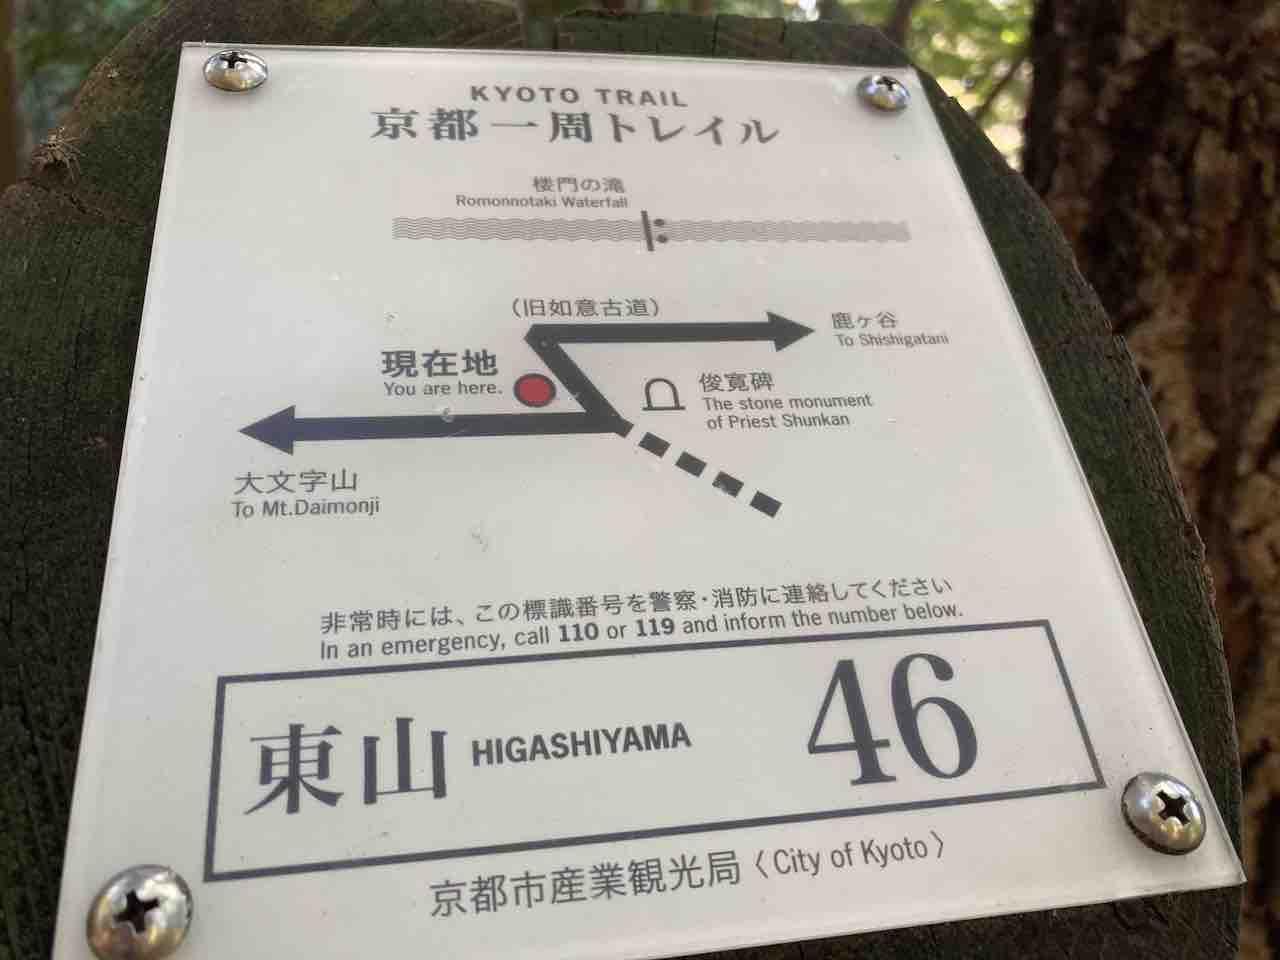 京都一周トレイル 俊寛碑エリア